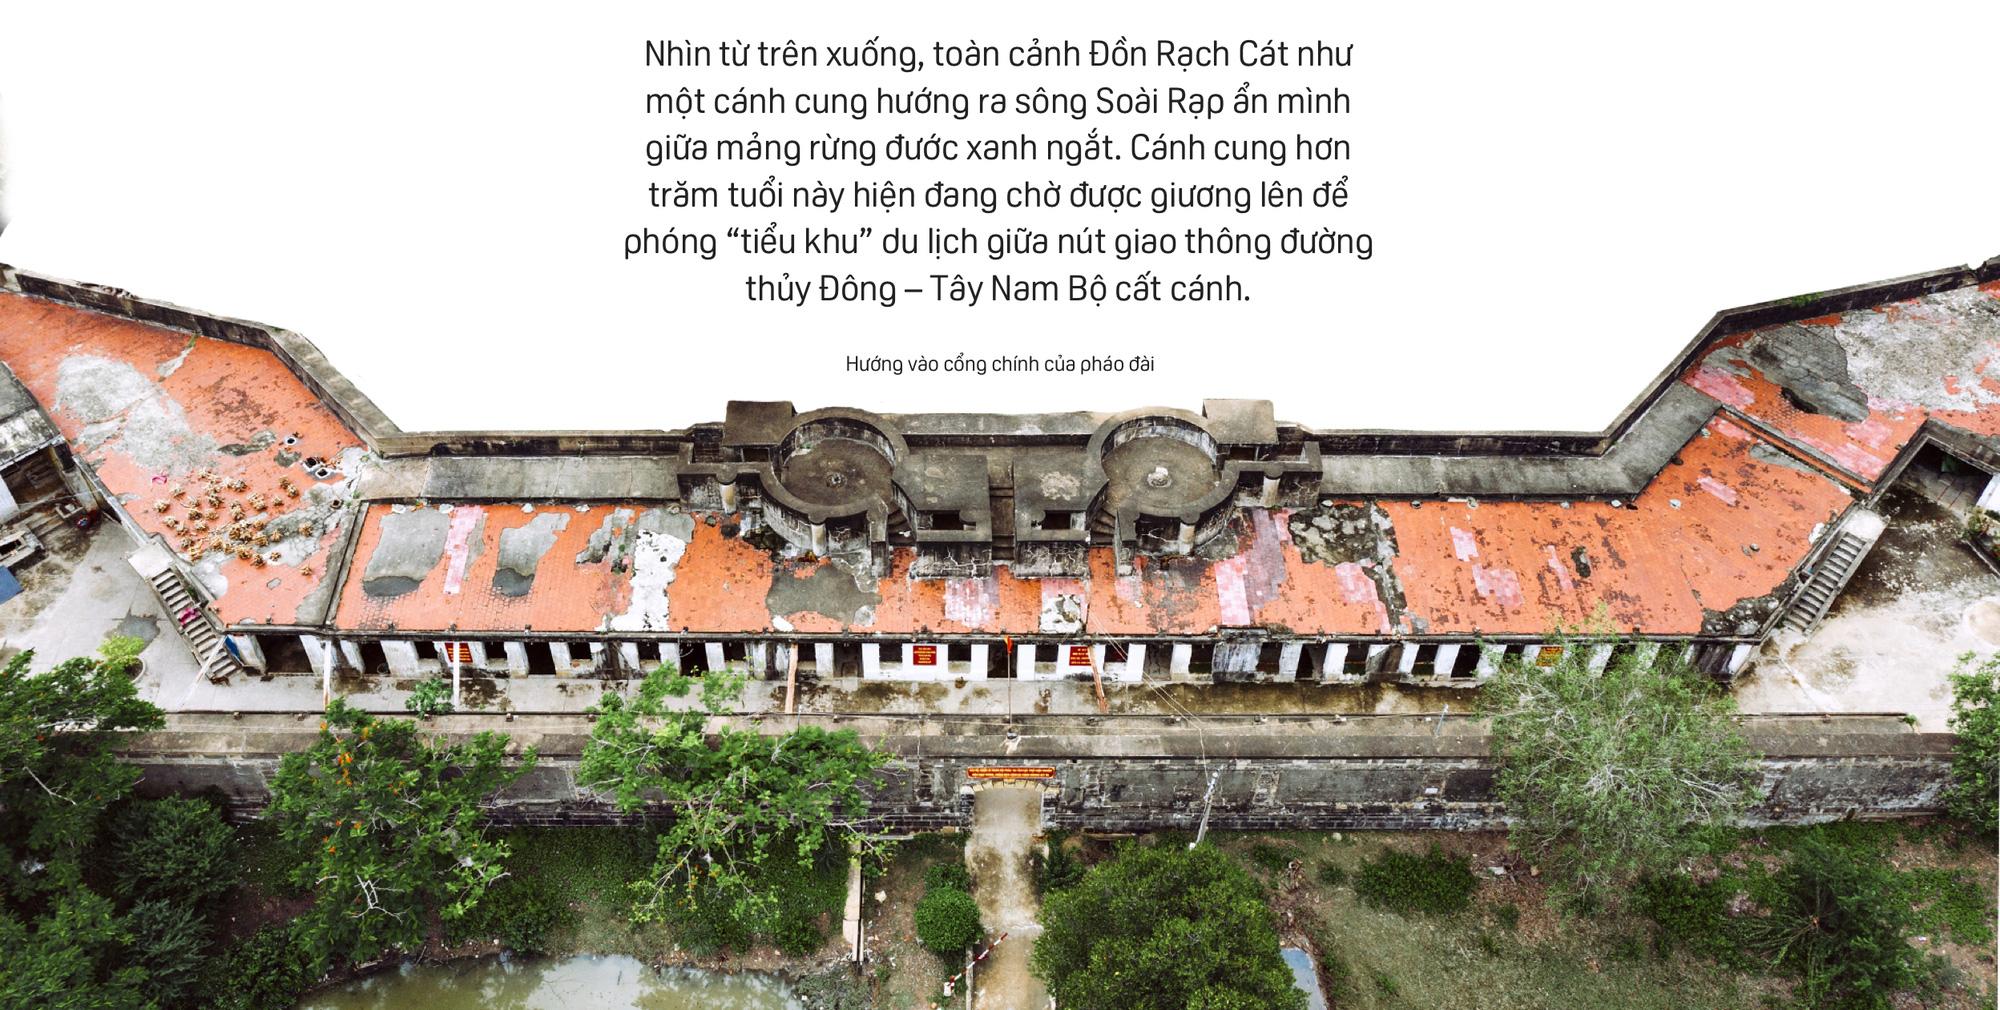 Bên trong Đồn Rạch Cát - pháo đài lớn nhất Đông Dương - Ảnh 2.